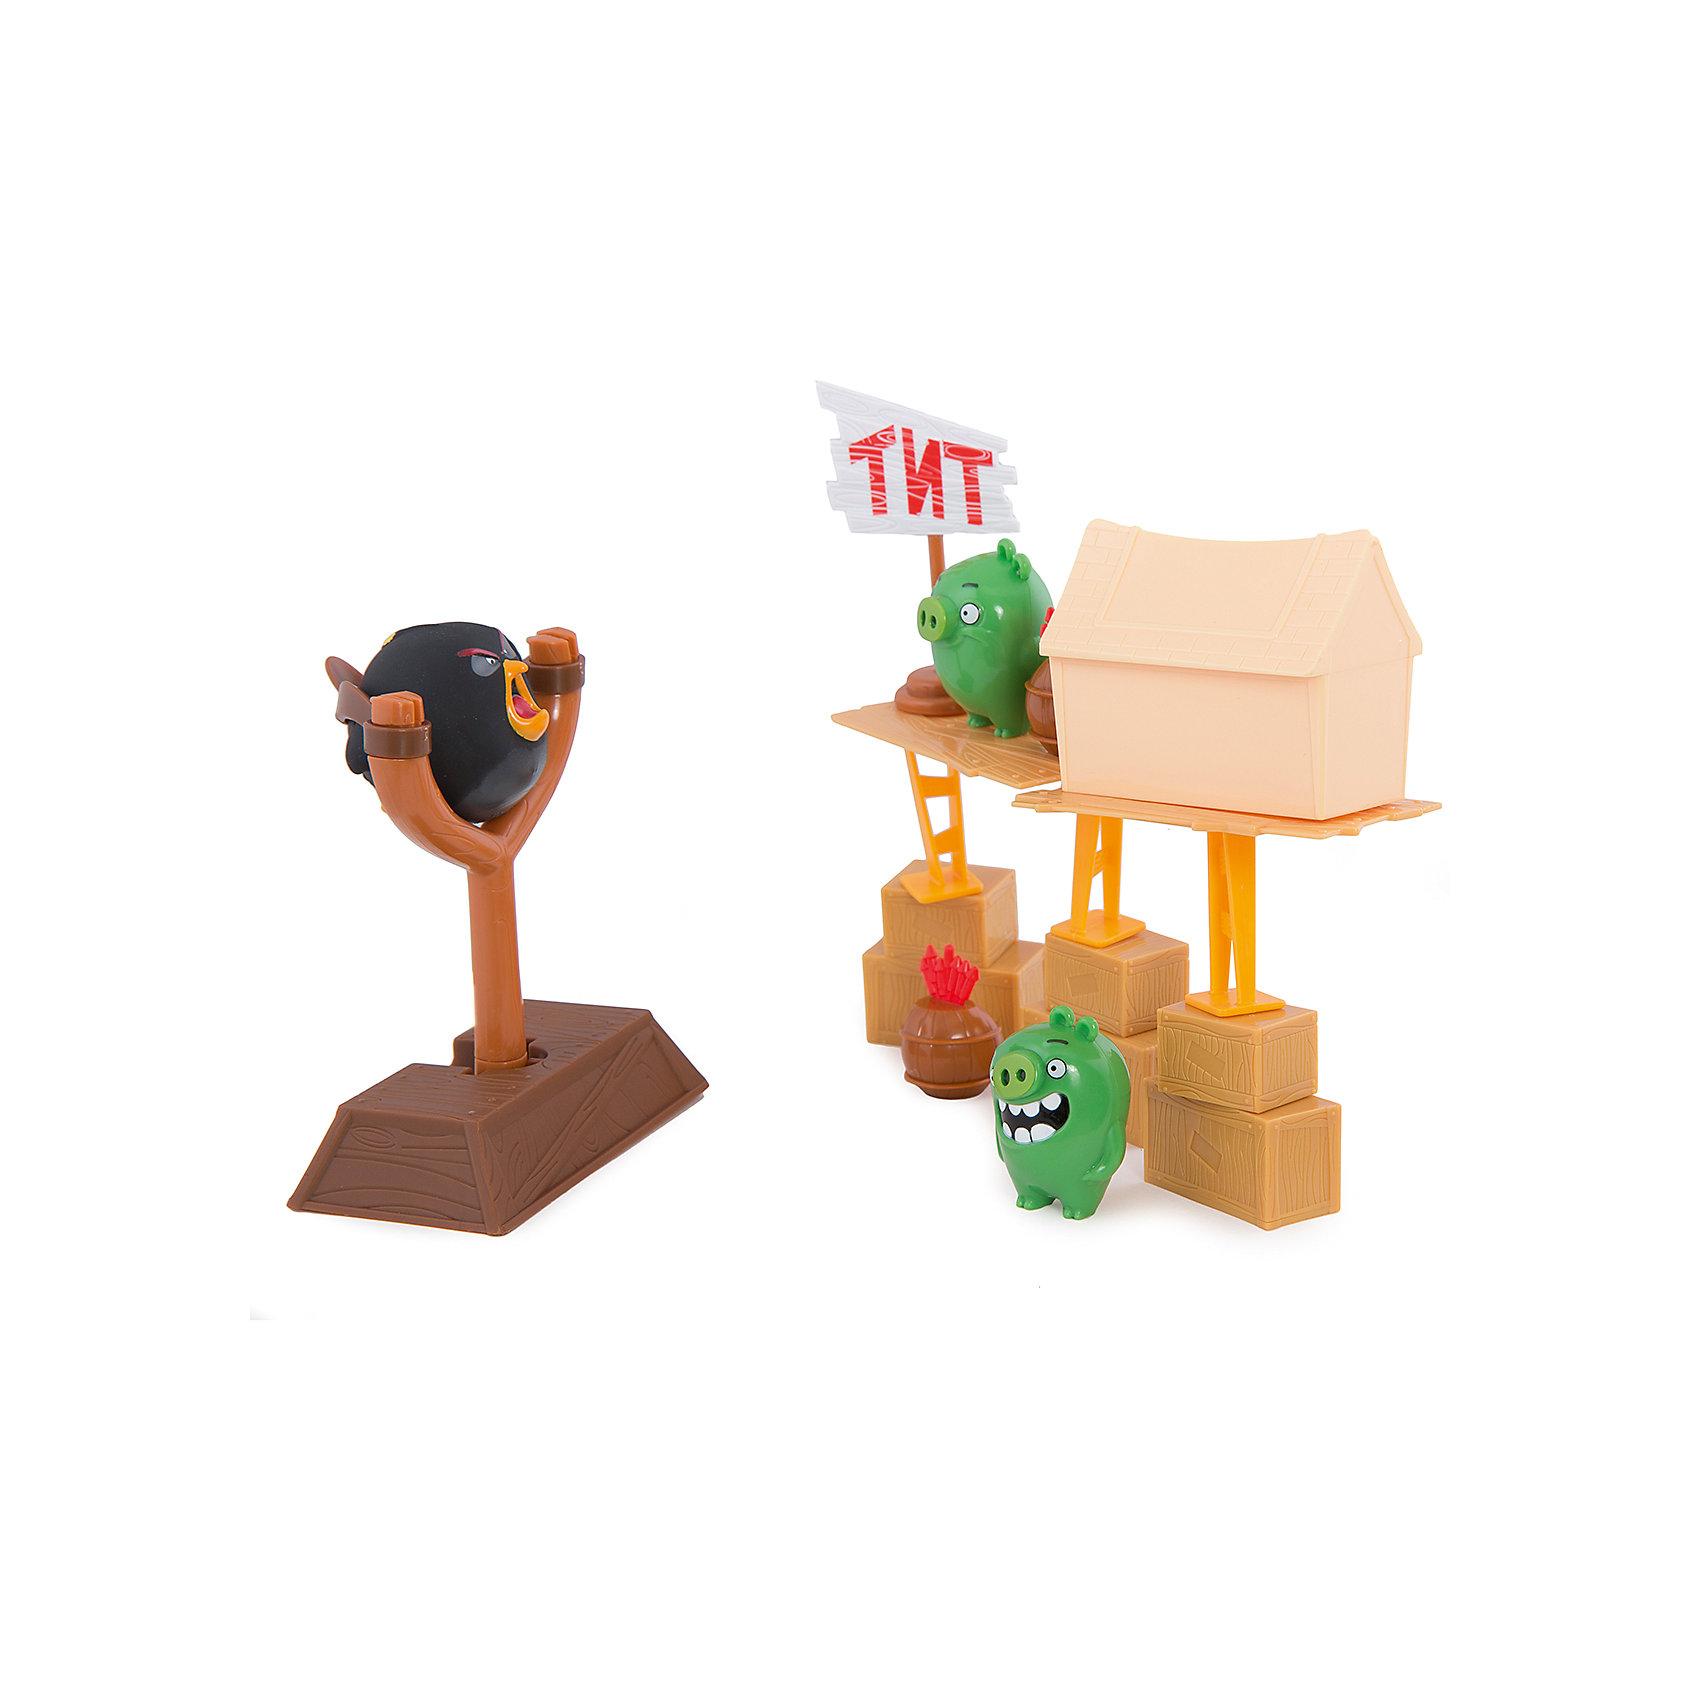 Игровой набор #1 Тир сердитых птичек, Angry BirdsЗамечательная новинка 2016 года от компании Spin Master – игровой набор Angry Birds. В комплект набора входят пластиковые строительные блоки для постройки зелёных поросят и набор наклеек для их украшения, фигурки героев и рогатка для того чтобы запускать сердитых птичек. Все элементы игрушки выполнены из пластика, отлично детализированы, окрашены в яркие цвета. Игровой набор понравится не только поклонникам популярнейшей компьютерной игры Энгри Бердз, но и всем детям без исключения, ведь рушить постройки поросят не в виртуальном, а во вполне реальном мире очень весело!<br><br>Дополнительная информация:<br><br>В наборе: рогатка, две фигурки свинок и фигурку Бомба (черная птичка), кубики-блоки. <br>           <br><br><br>Игровой набор #1 Тир сердитых птичек, Angry Birds можно купить в нашем магазине.<br><br>Ширина мм: 310<br>Глубина мм: 260<br>Высота мм: 70<br>Вес г: 571<br>Возраст от месяцев: 36<br>Возраст до месяцев: 192<br>Пол: Унисекс<br>Возраст: Детский<br>SKU: 4719989